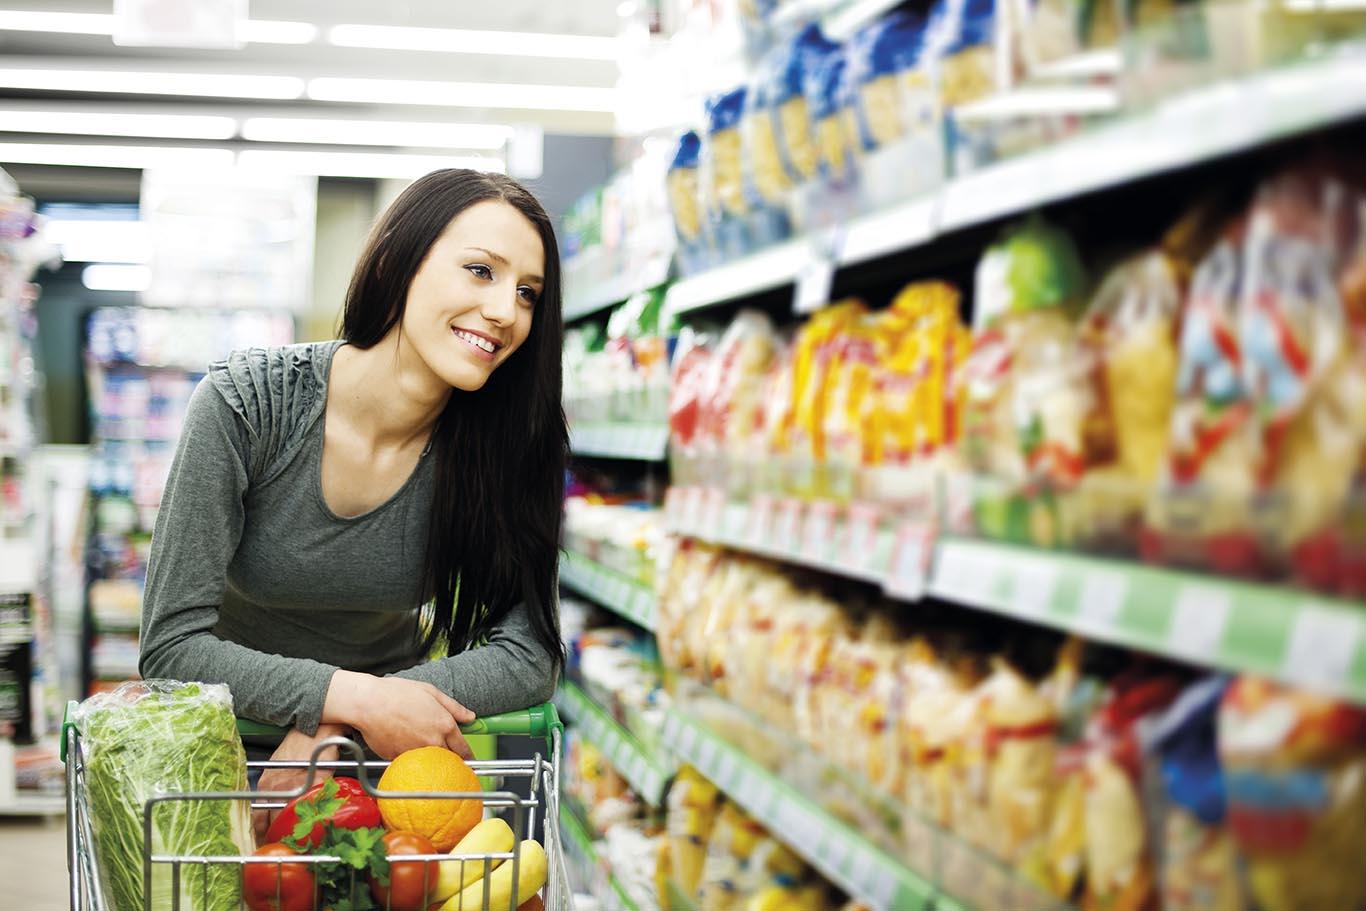 Packaging estrategia de venta - La última oportunidad de venta, el Packaging